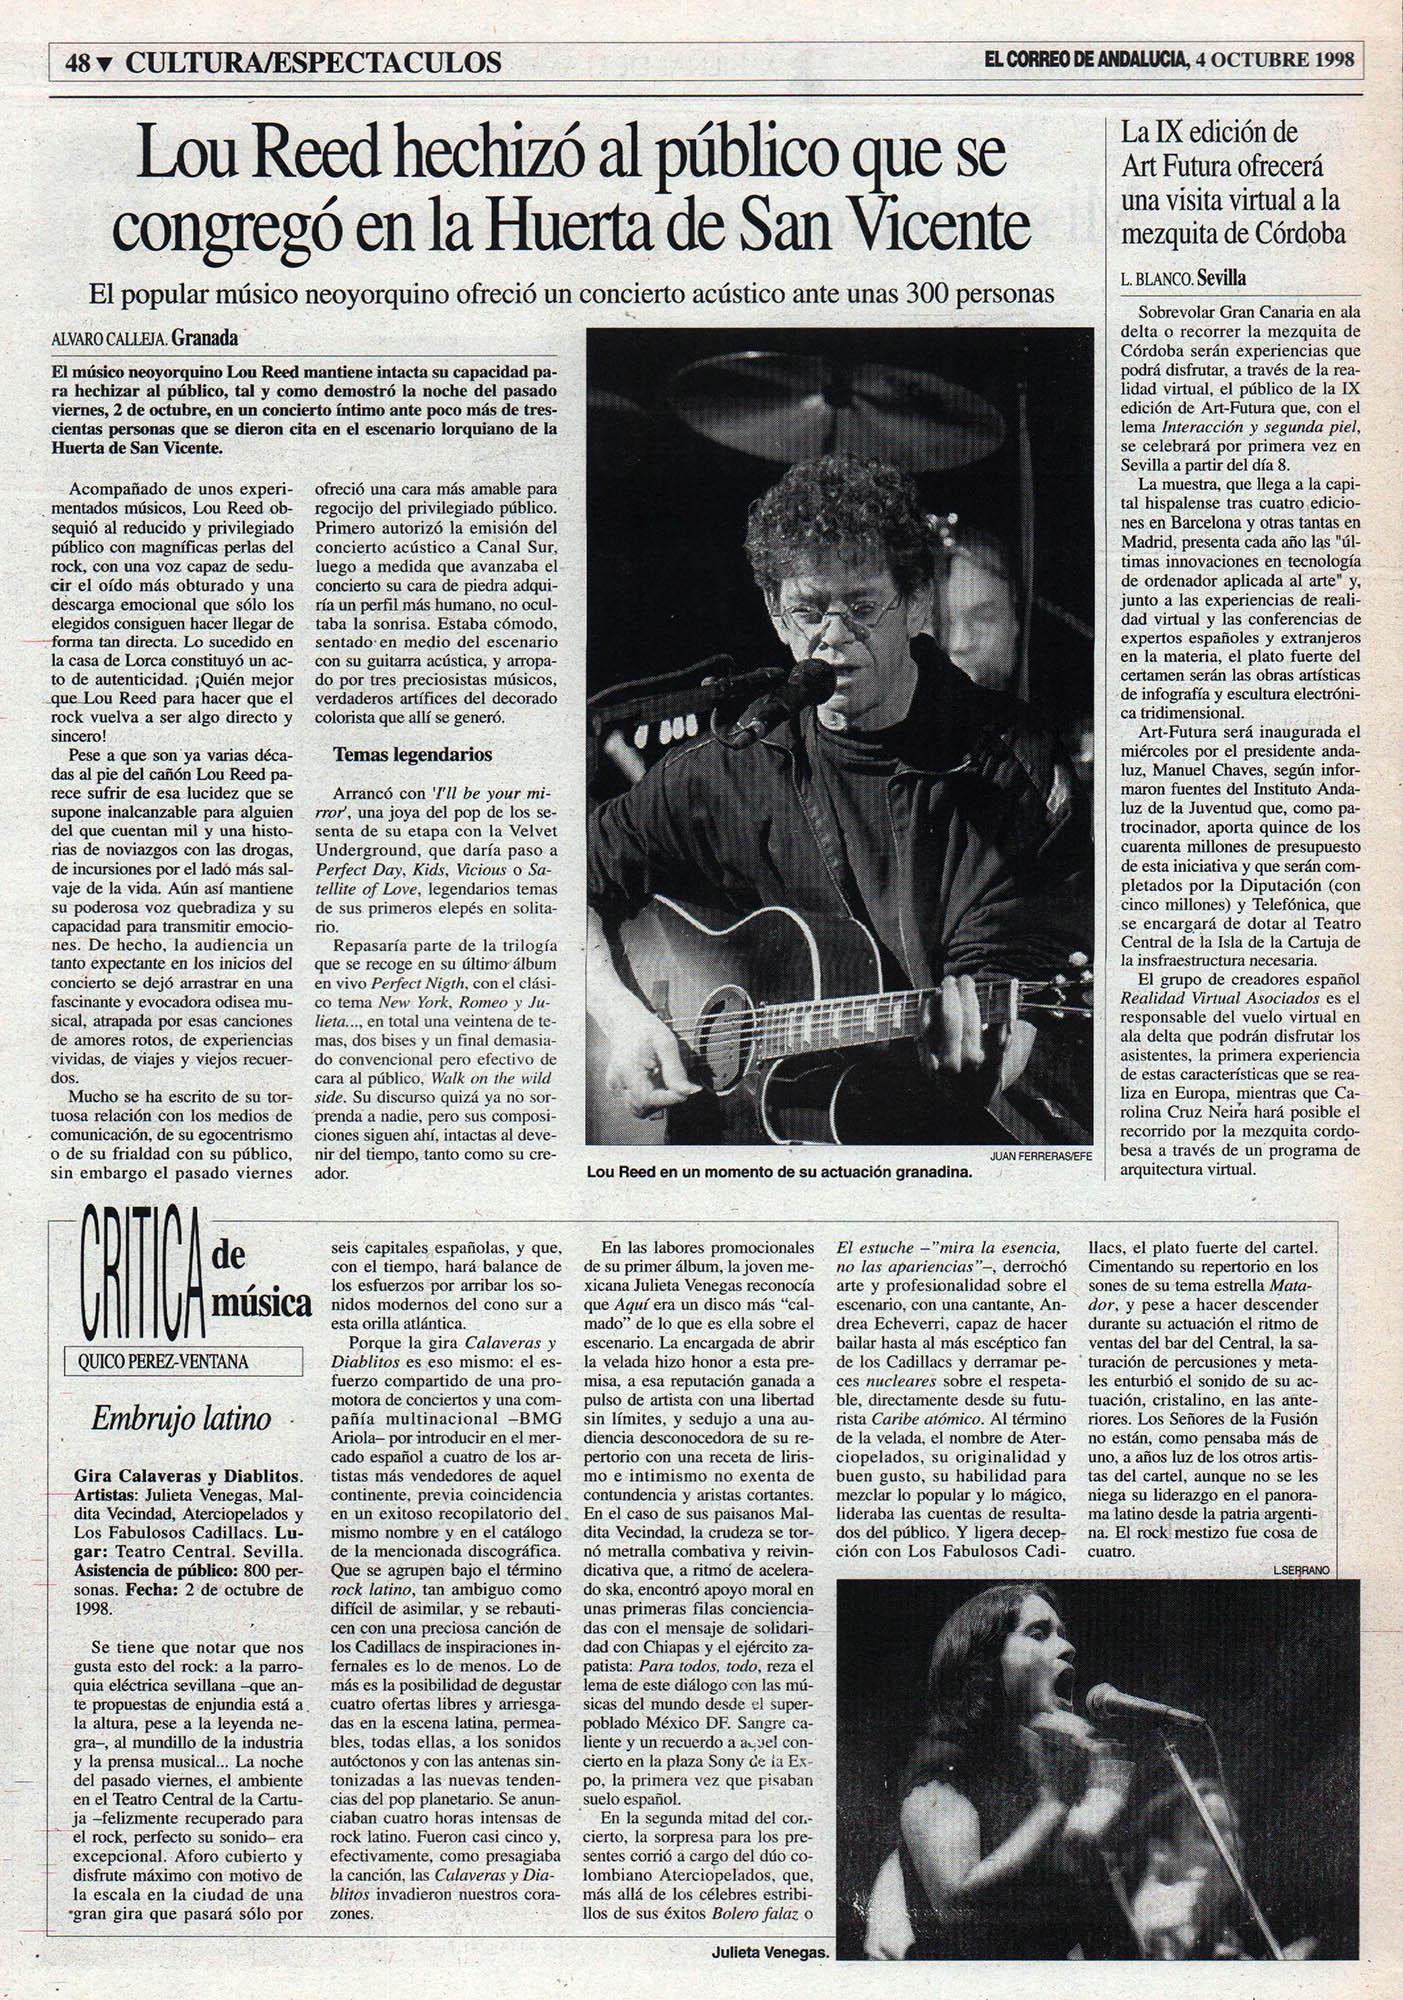 Crónica / Calaveras y diablitos: embrujo latino – Fabulosos Cadillacs, Aterciopelados, Julieta Venegas – Teatro Central, Sevilla | El Correo de Andalucía | 4 oct 1998